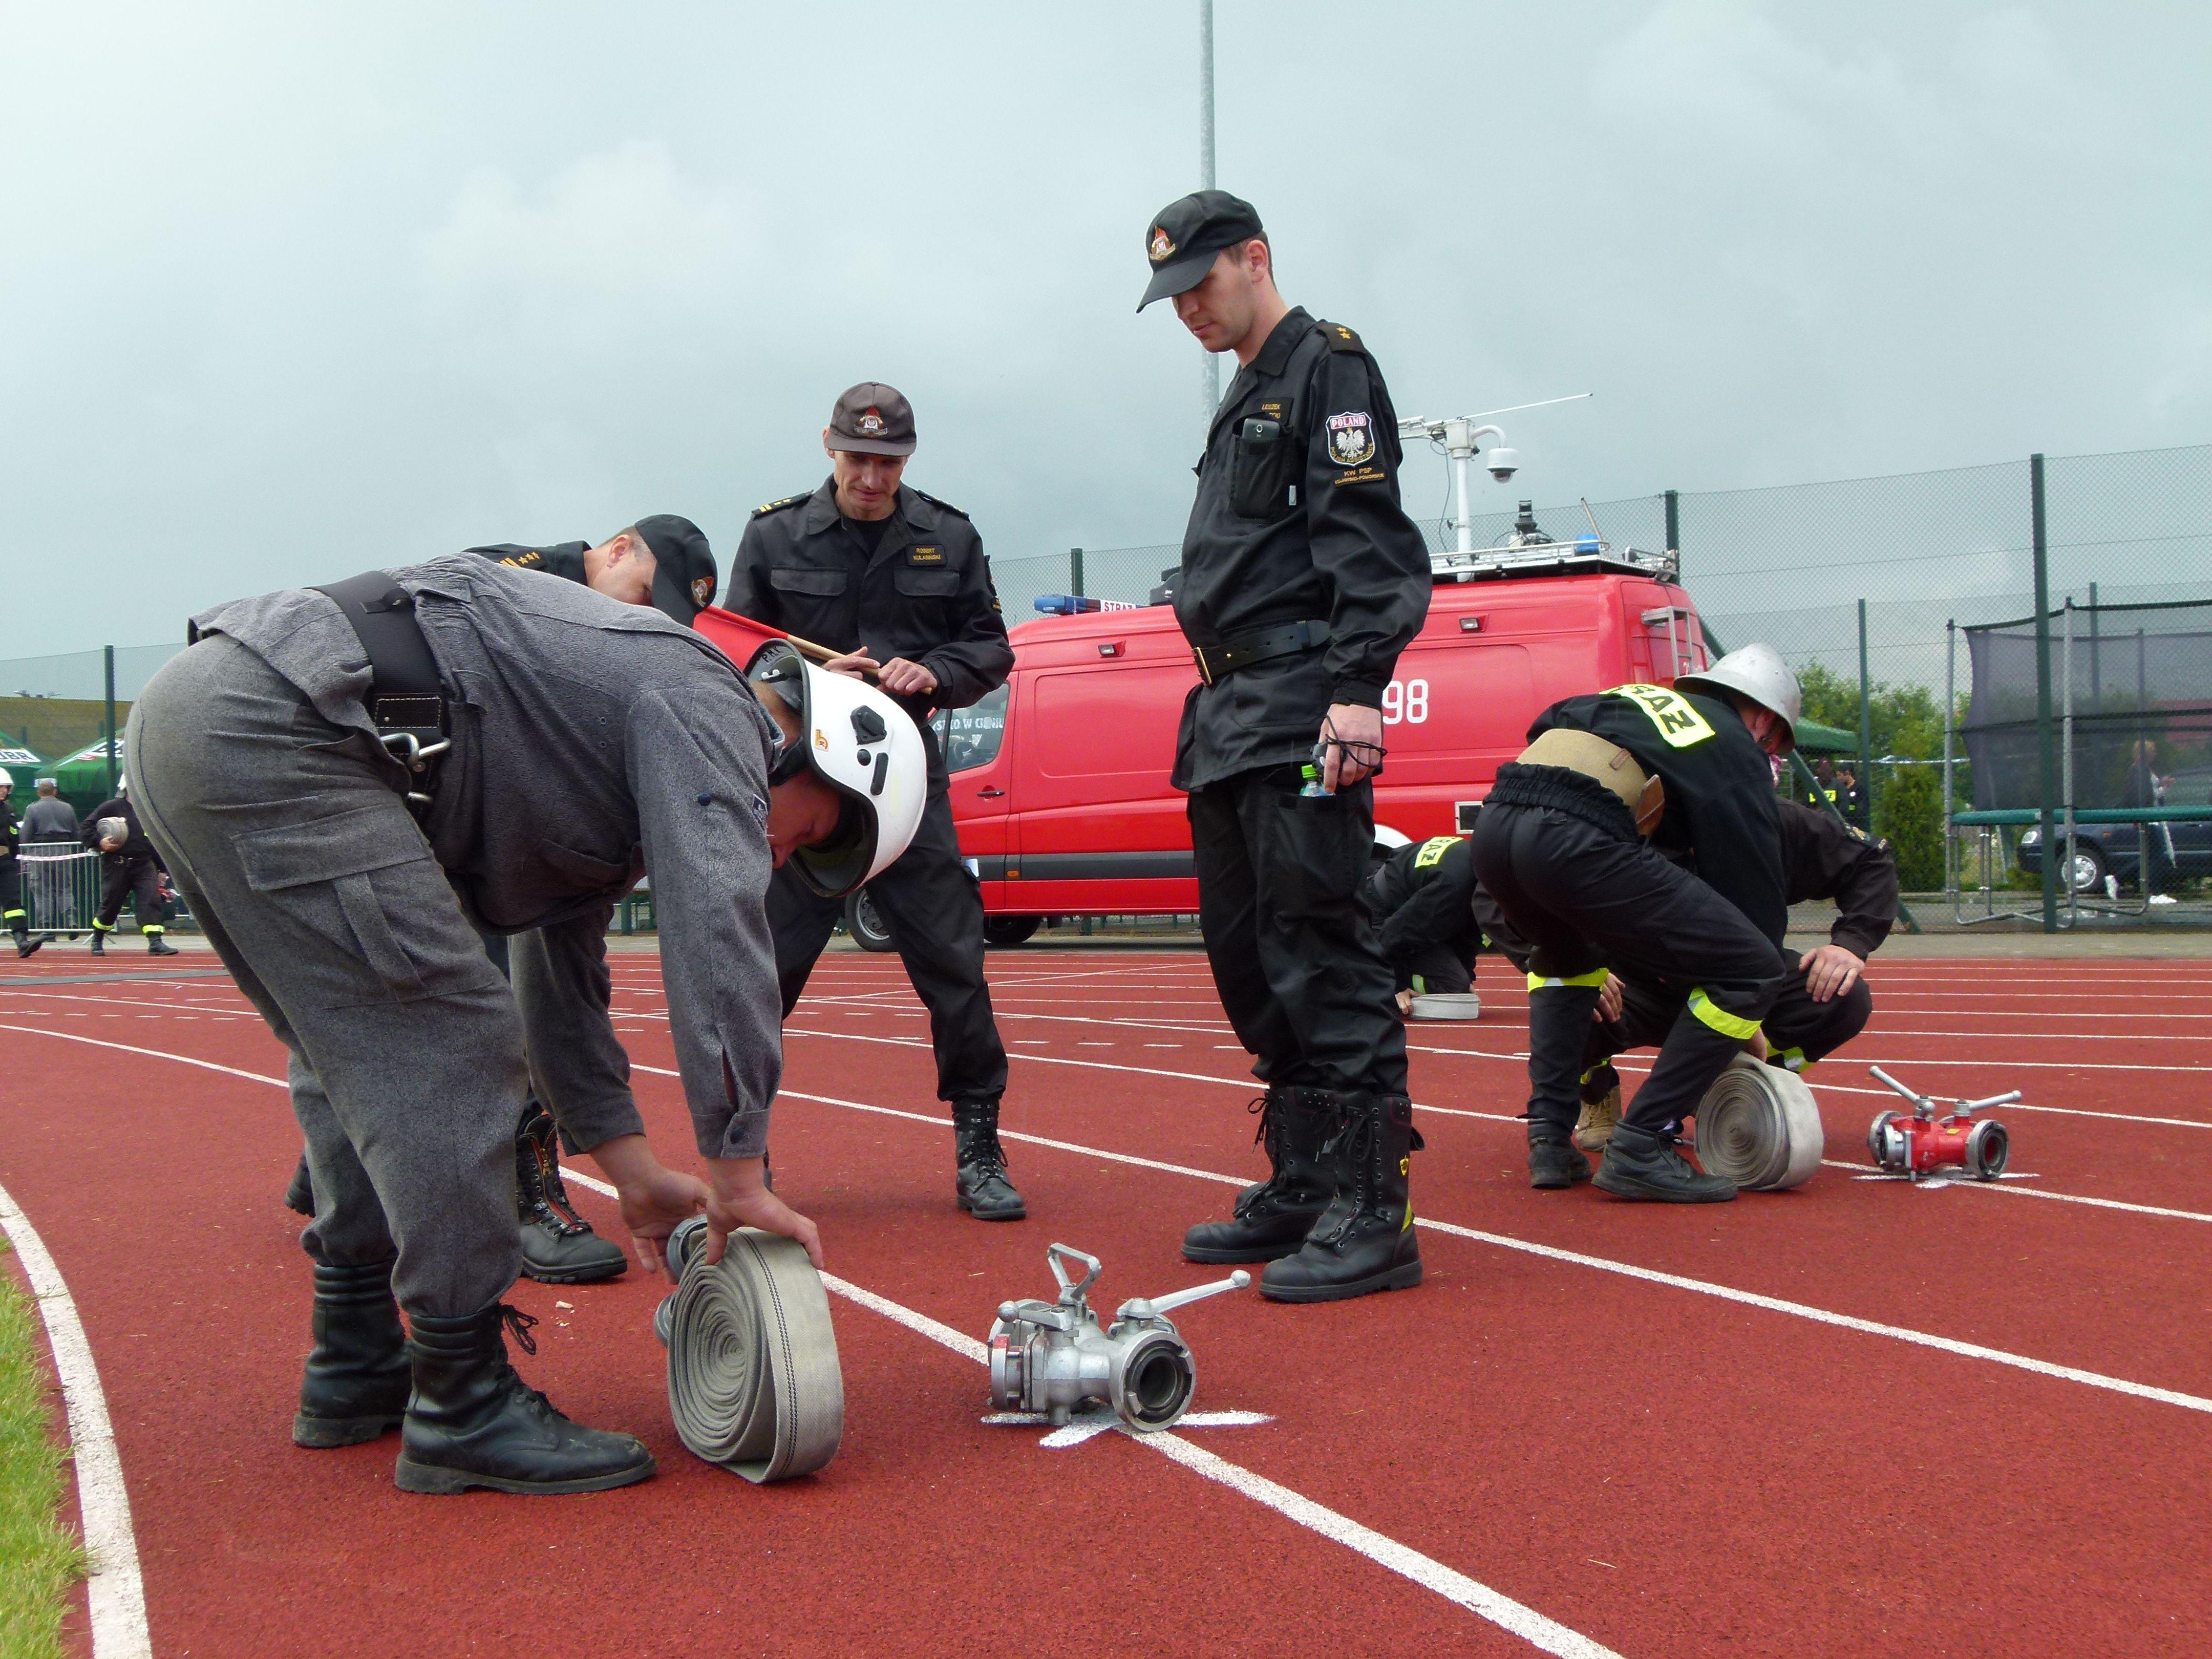 W Baruchowie strażacy zaciekle walczyli o podium. Kto najlepszy?